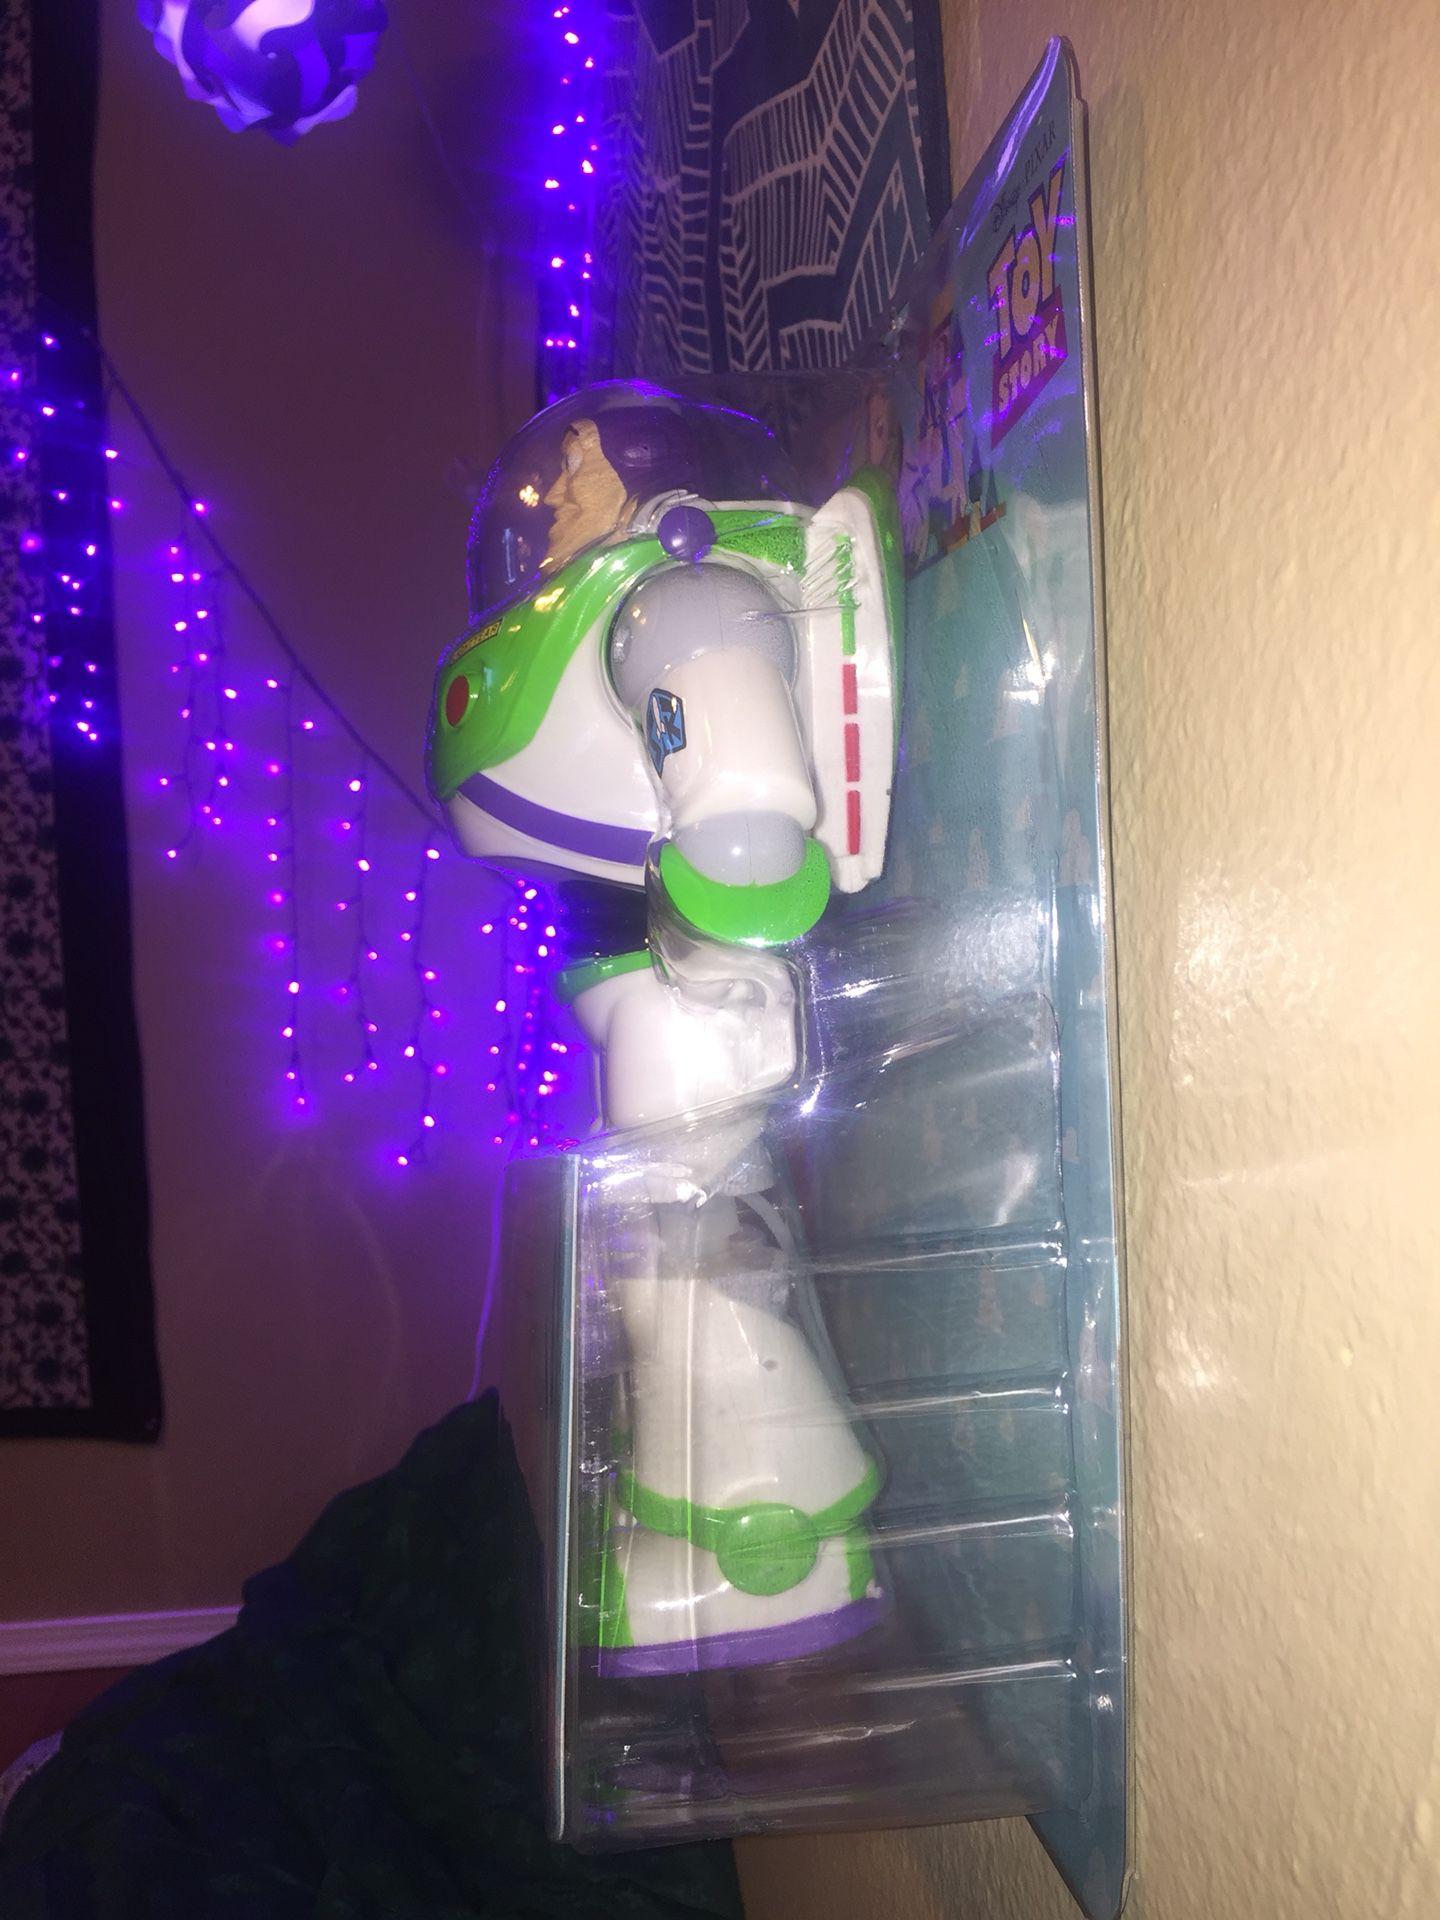 Disney Buzz Lightyear toy.